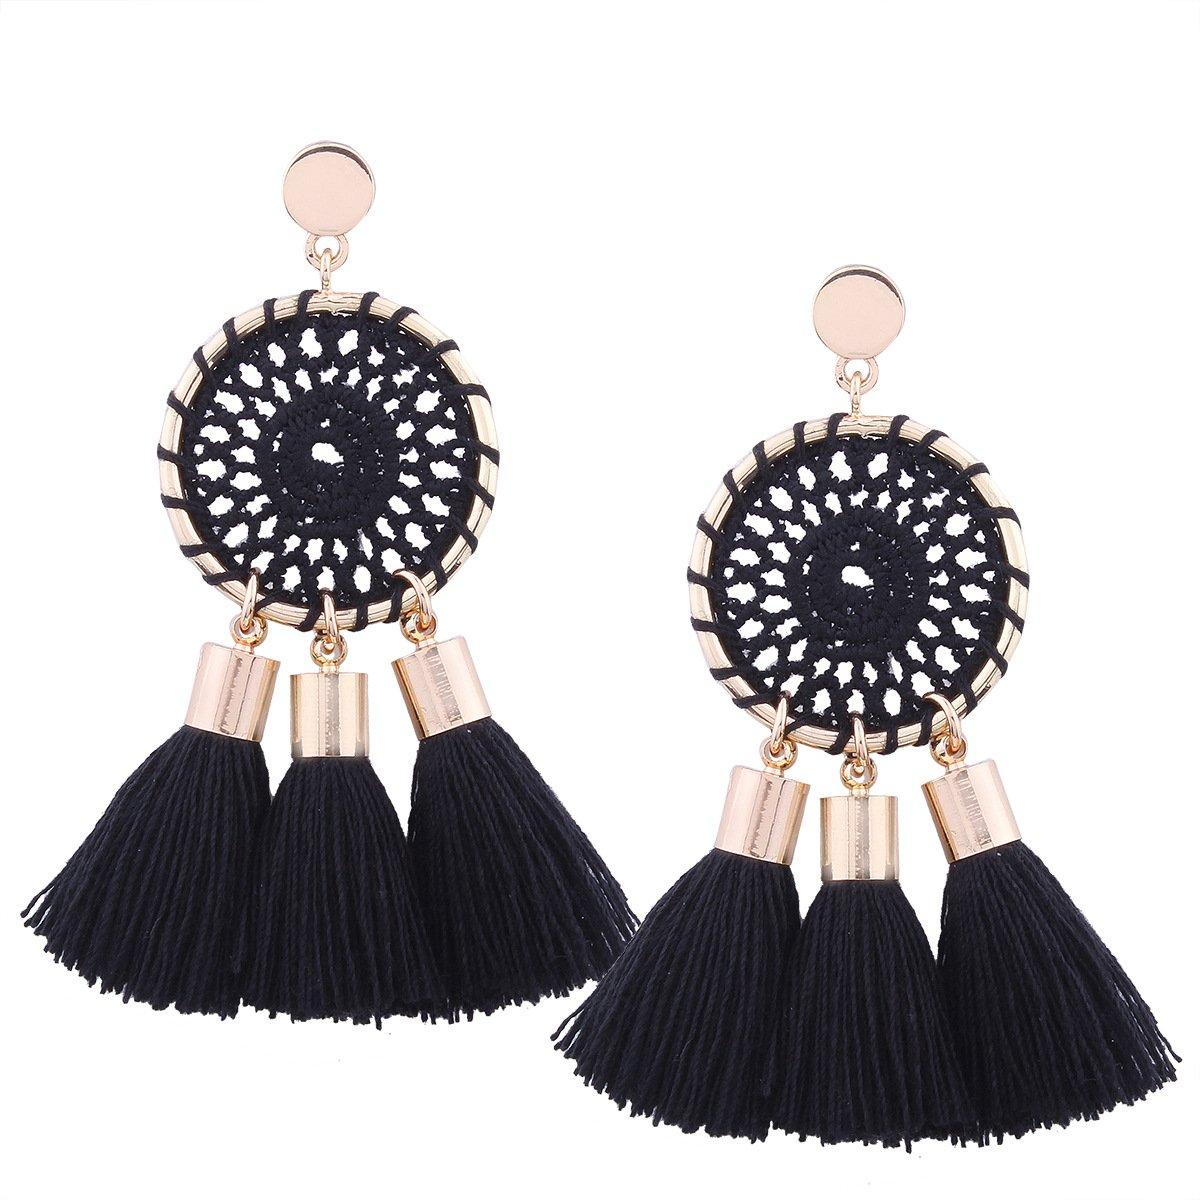 Tassel Earrings Black Long Bohemian Geometric Dangle Earrings for Women